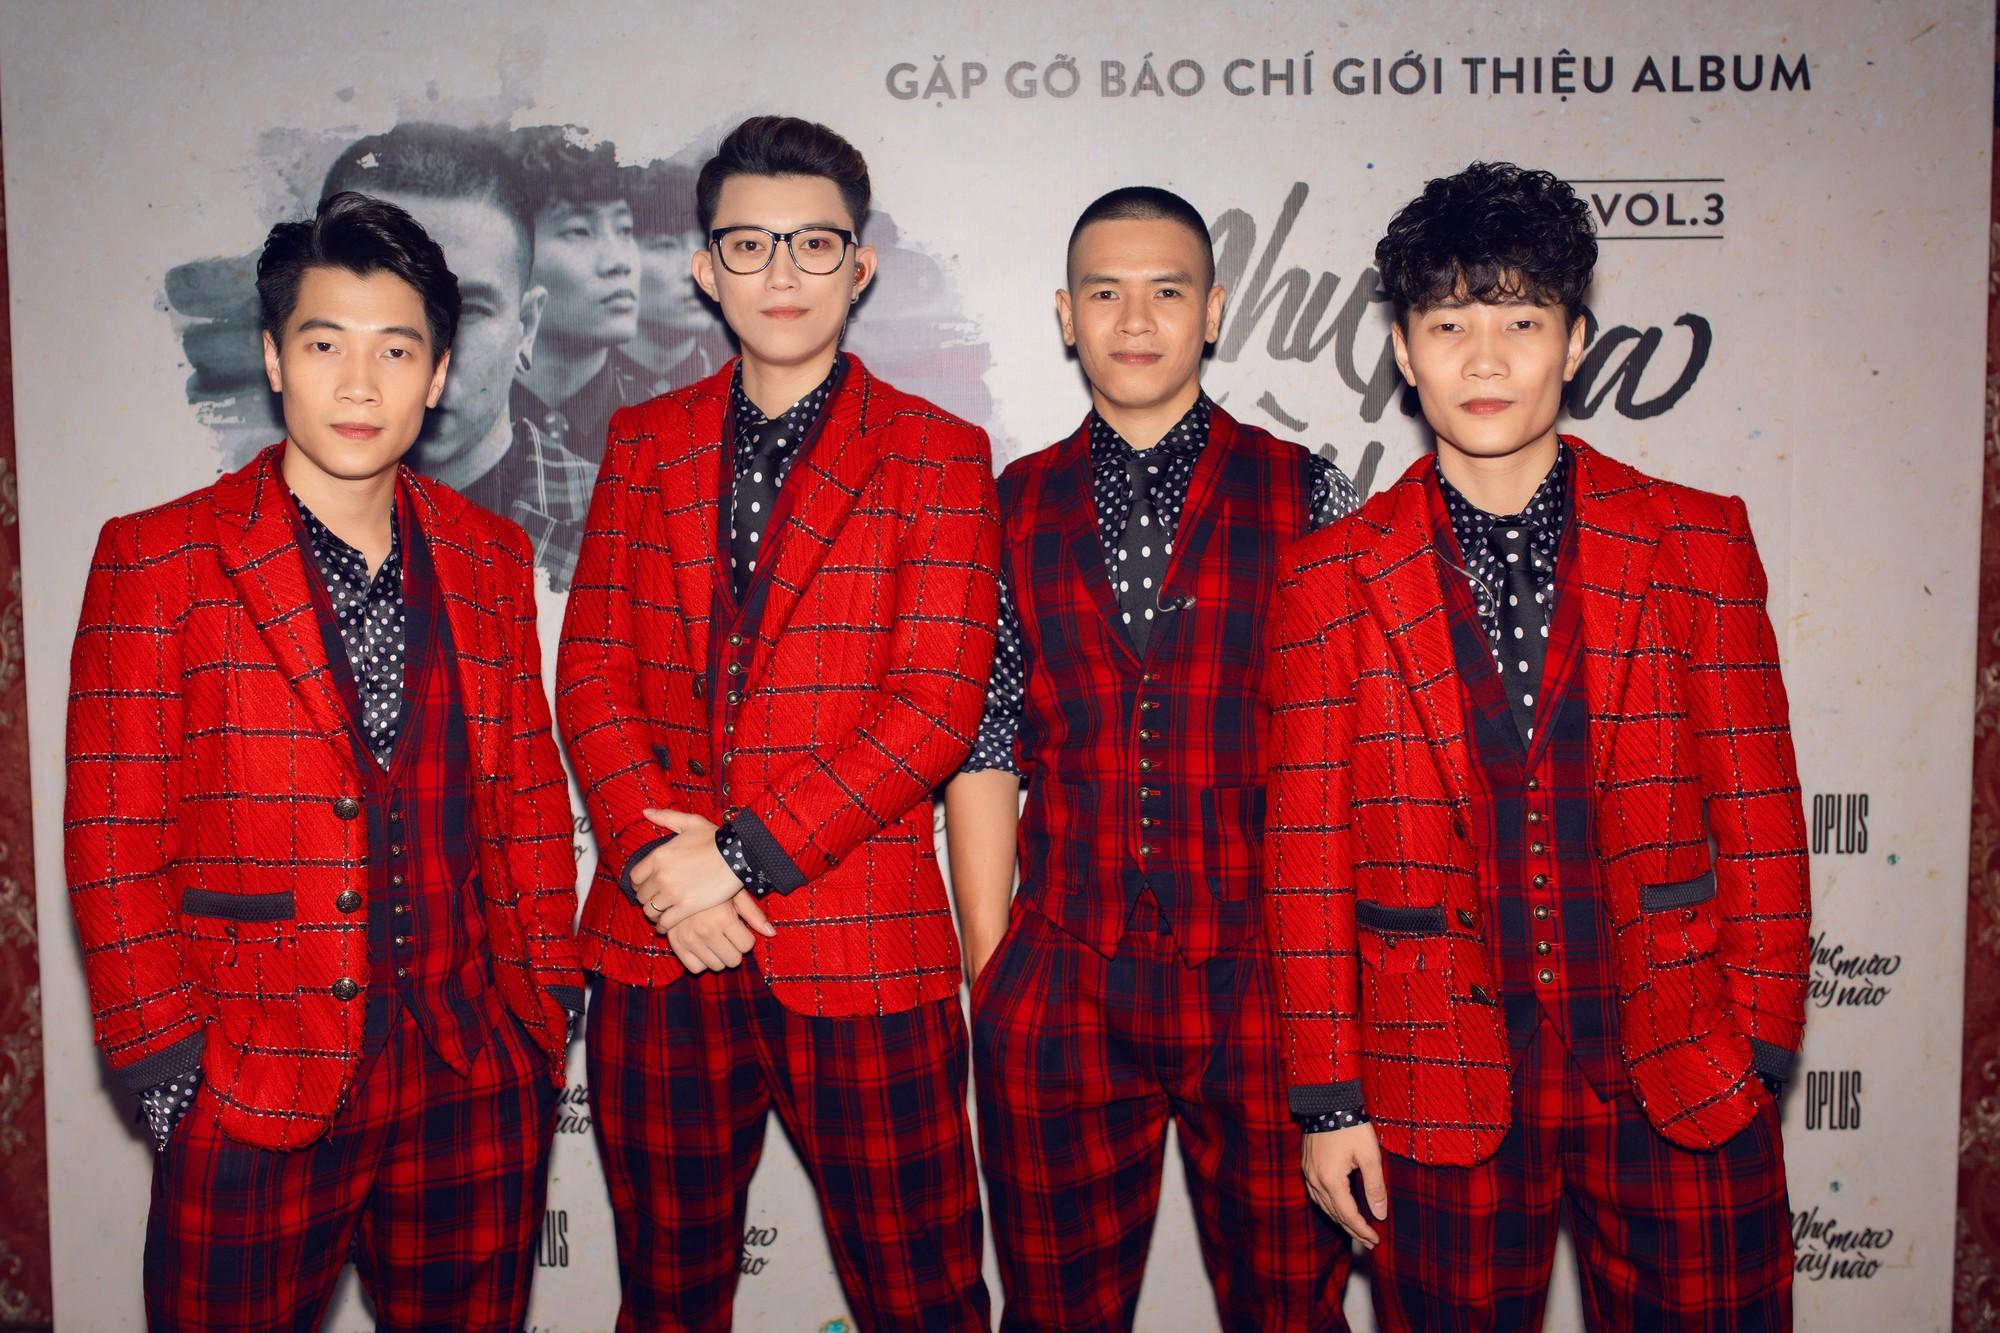 Diva Hồng Nhung hết lòng khen ngợi OPlus trong album nhạc xưa - Ảnh 1.